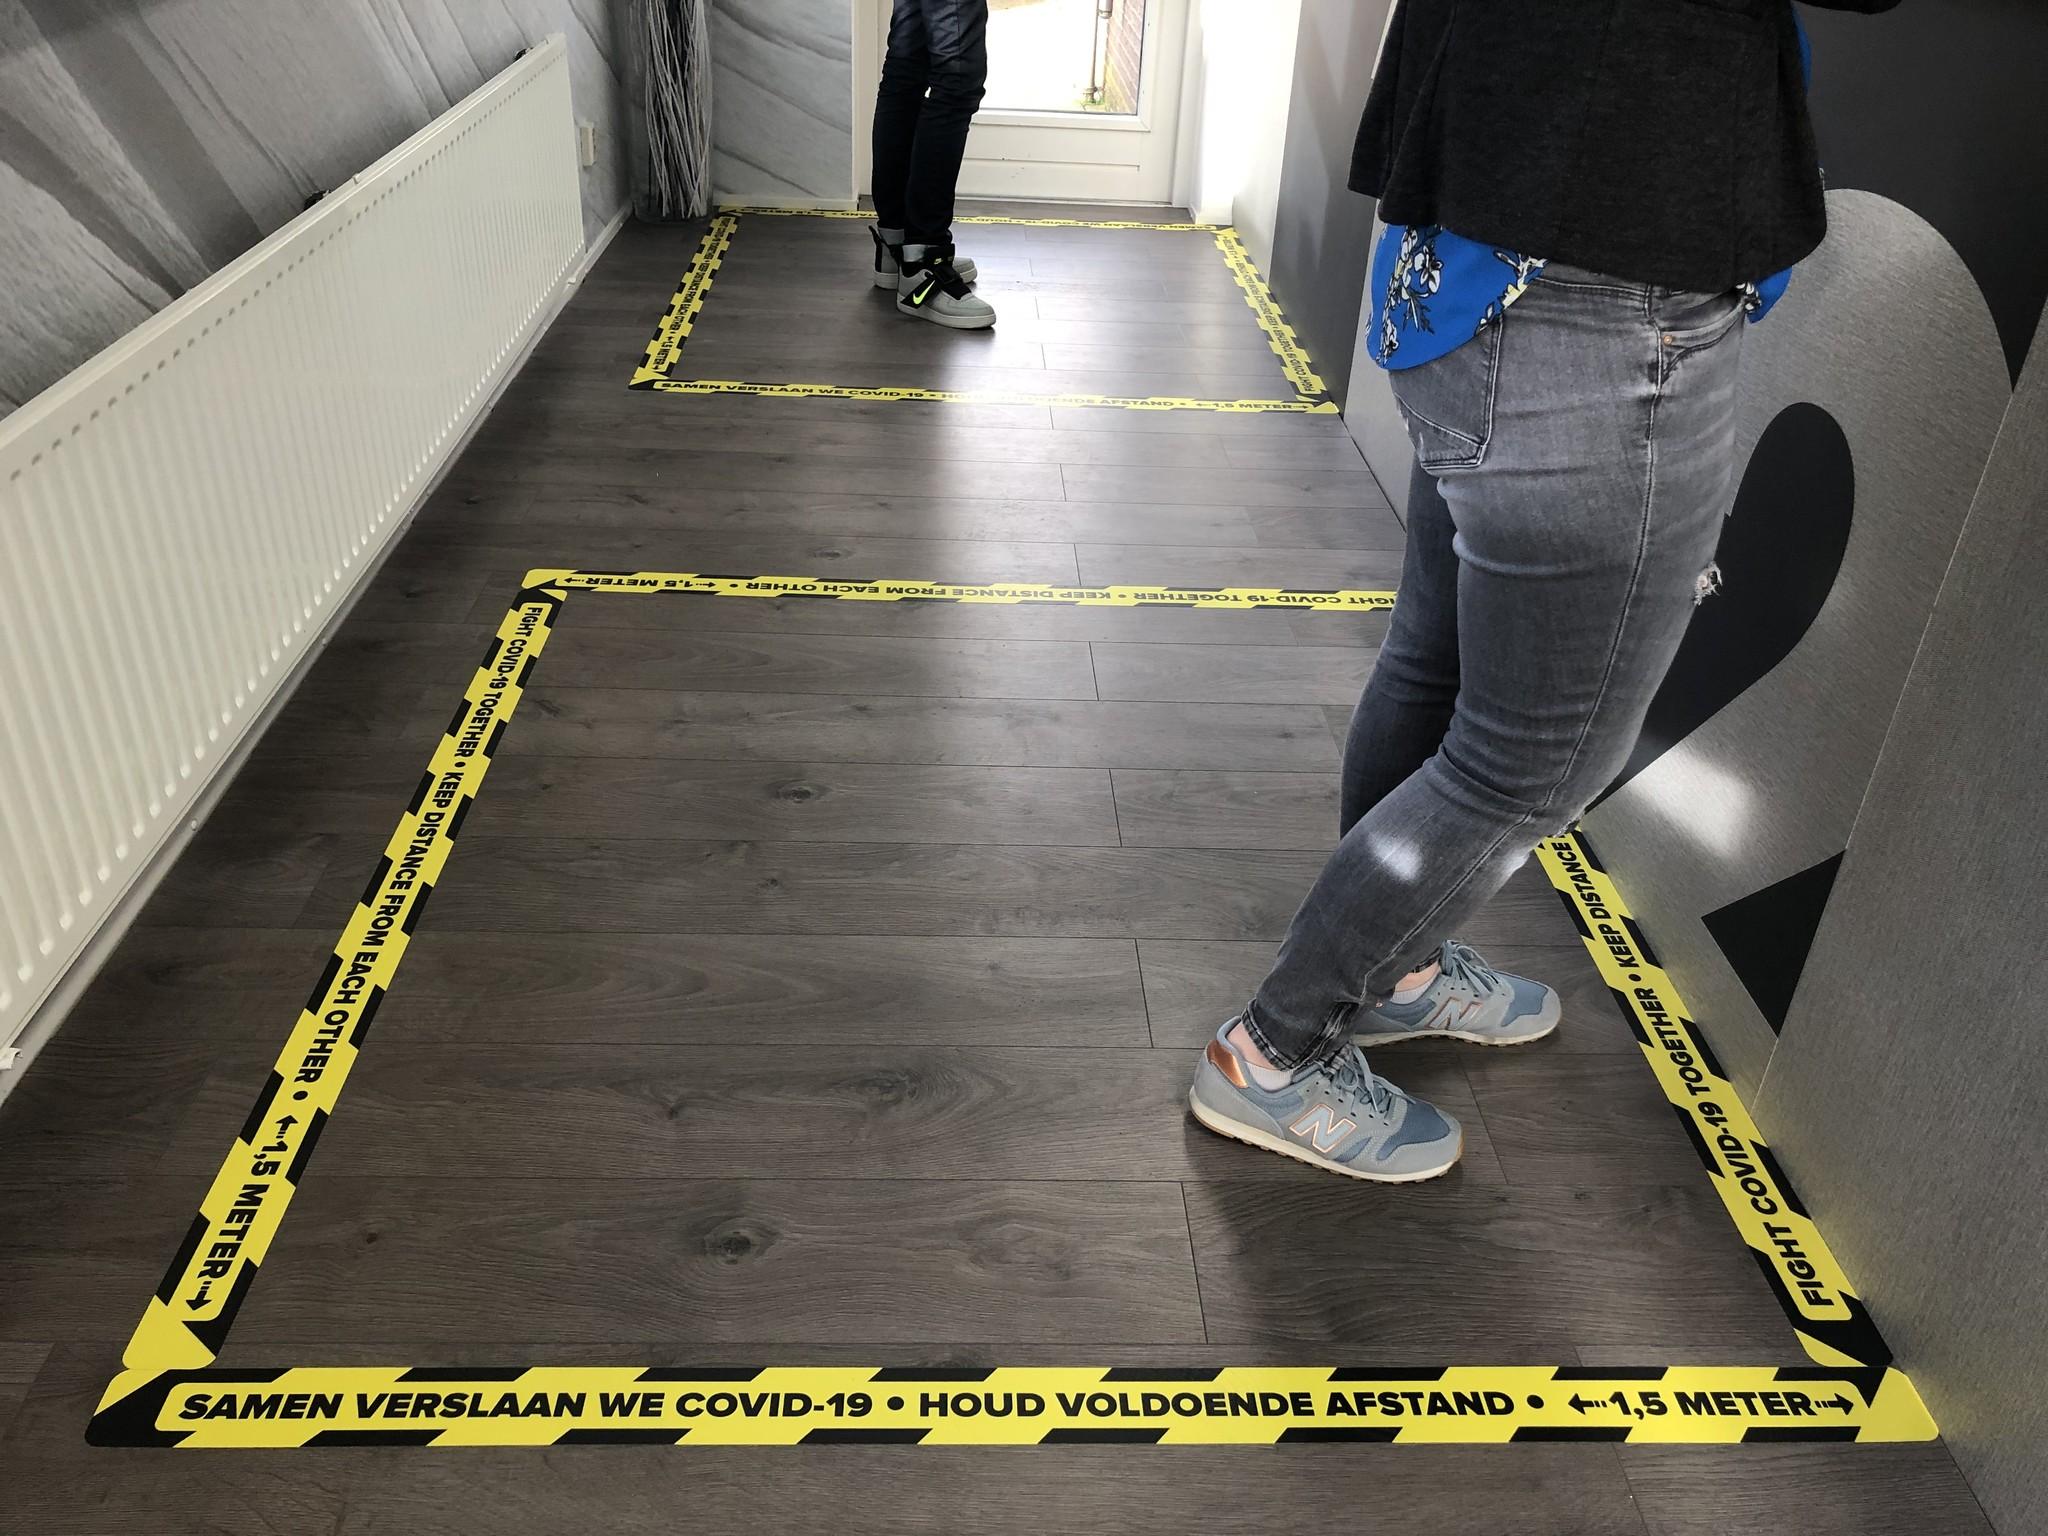 Bodenlinie Aufkleber Abstand 1,5 Meter halten